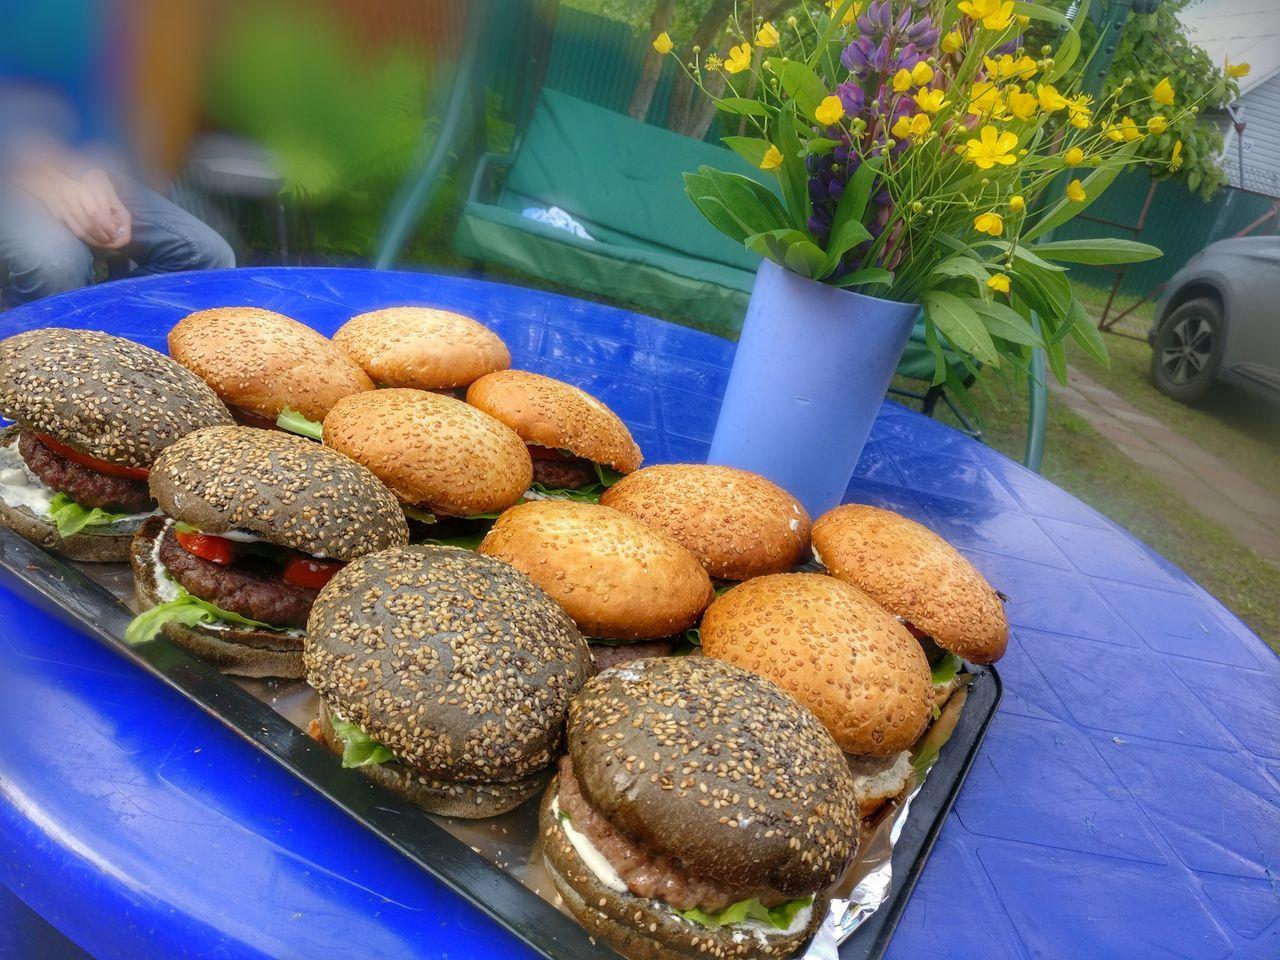 Hamburger Home Kitchen Village EyeEmNewHere